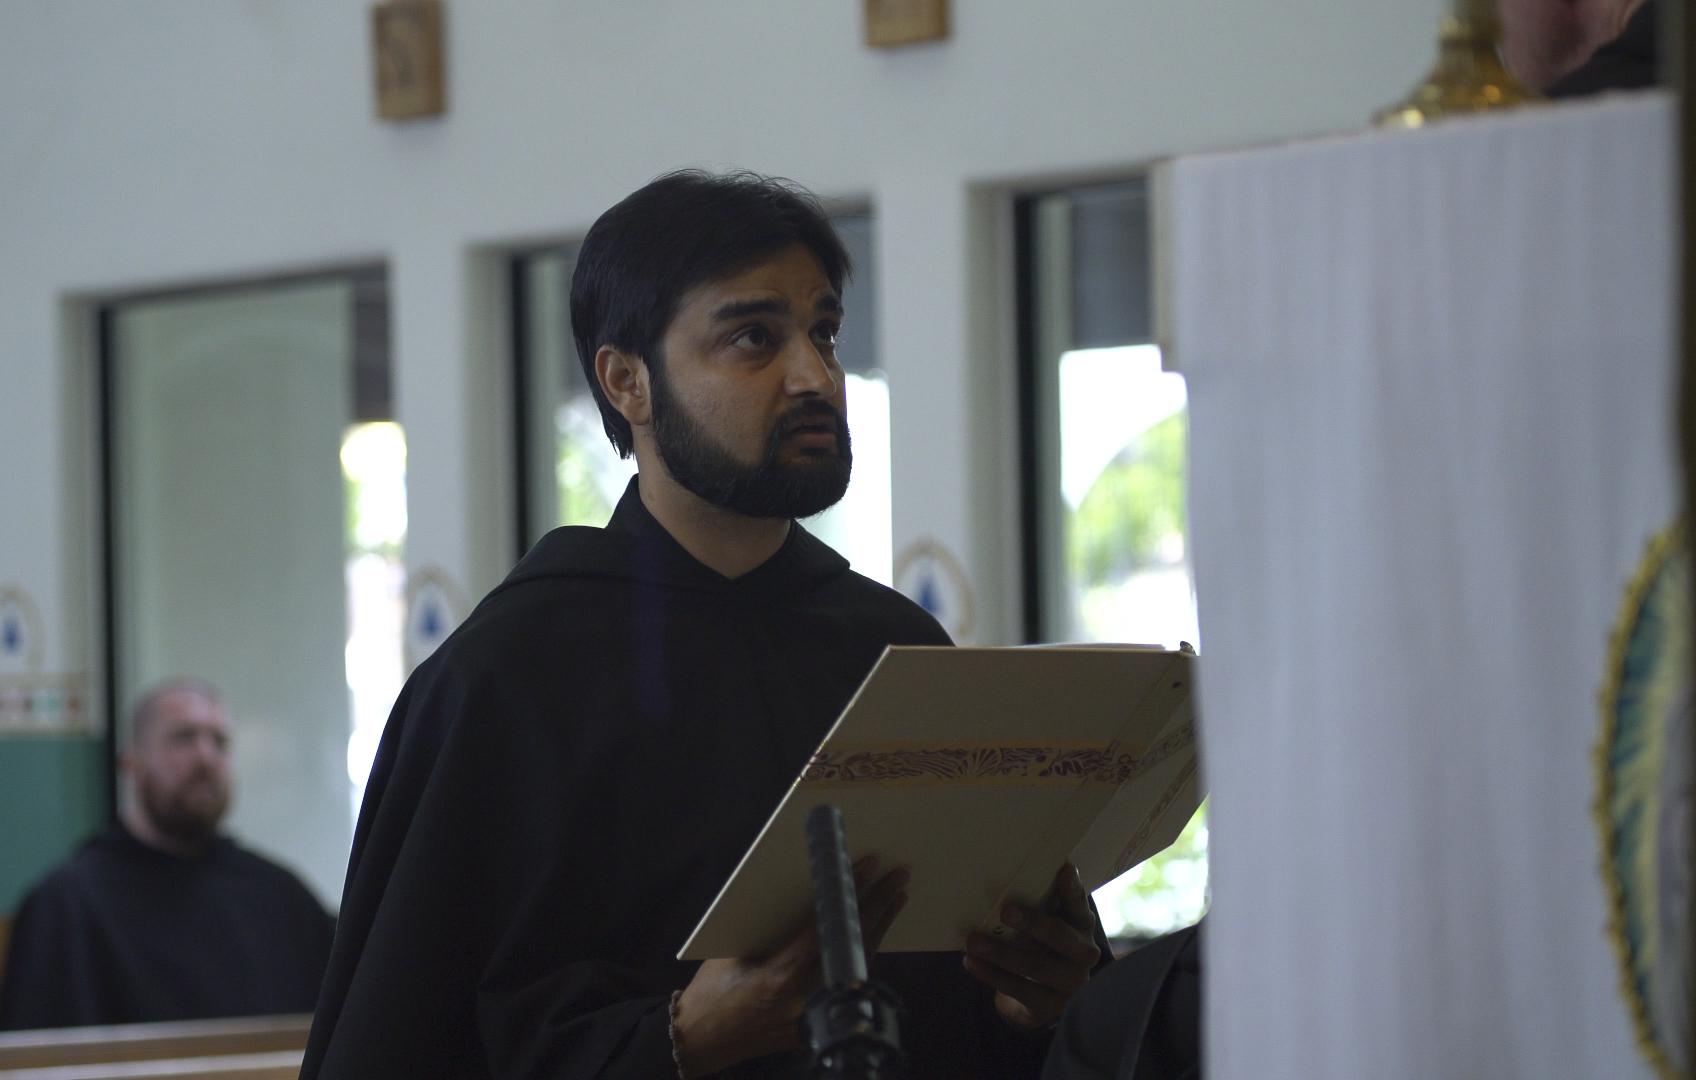 Br. Adnan Professes his Vows